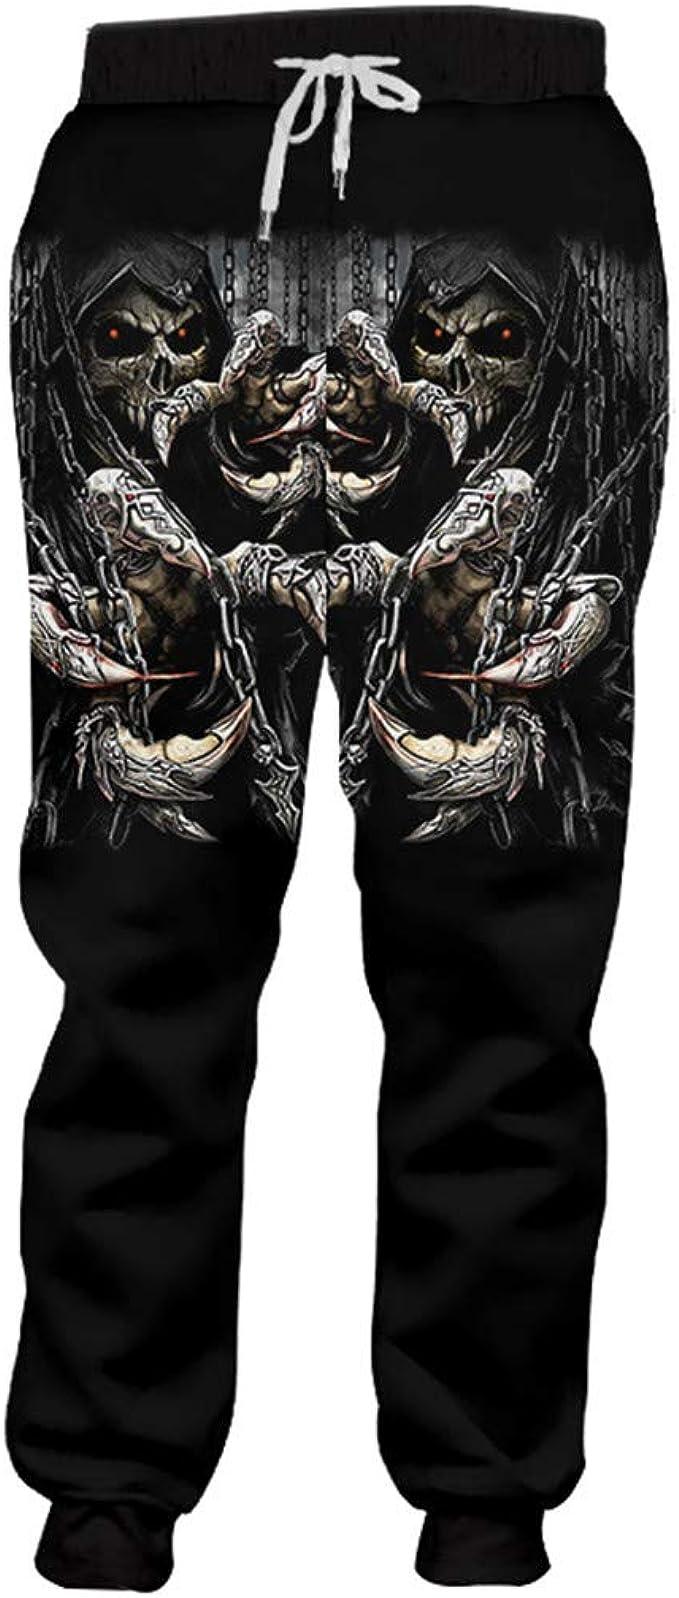 Ken-Rostisy Pantalones de Entrenamiento de Fitness para Hombre ...